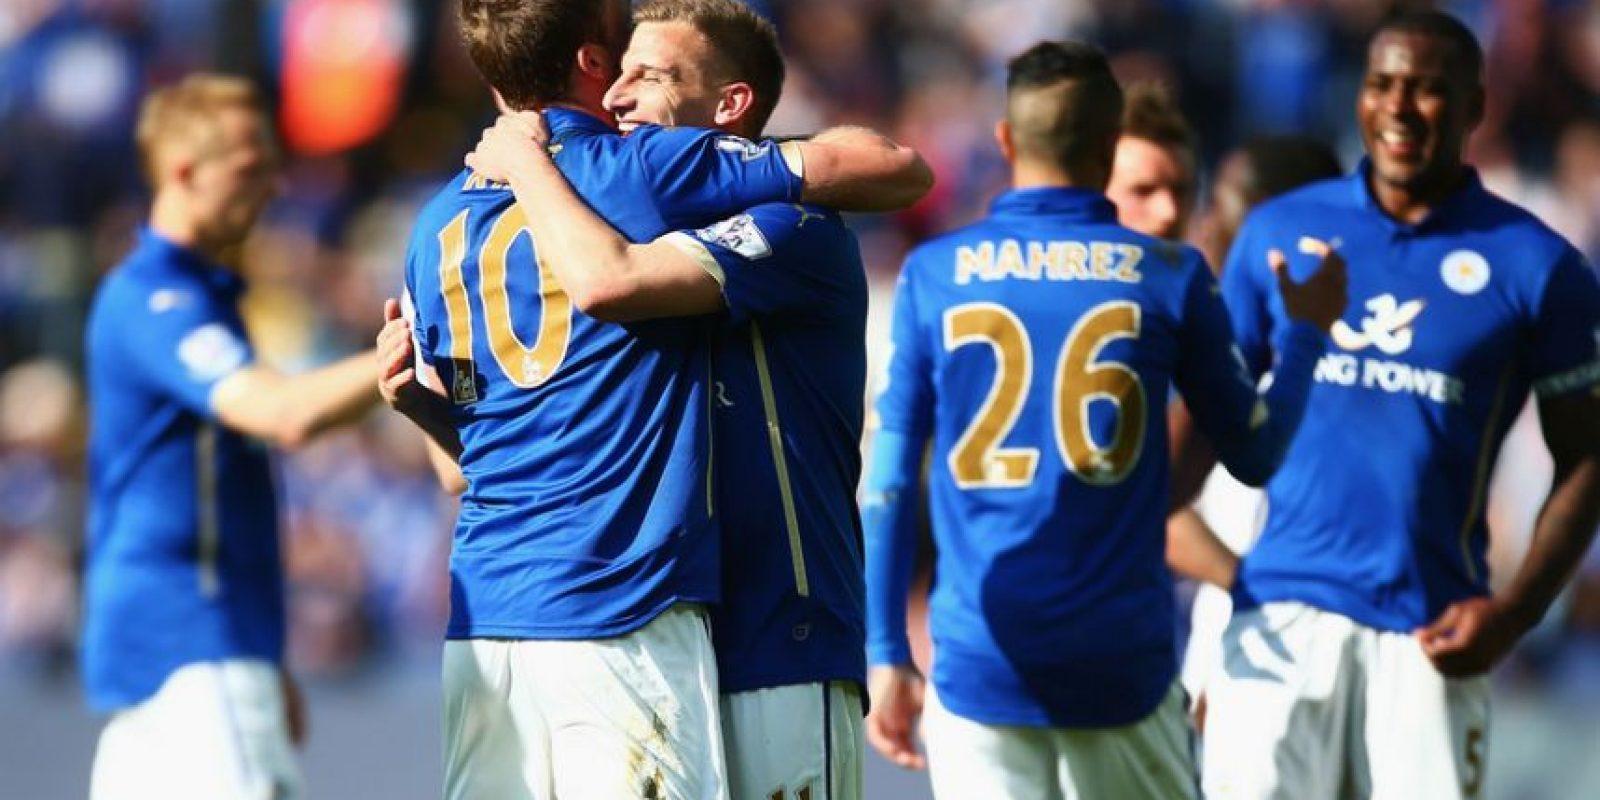 Leicester City dio una resolución contundente al escándalo sexual que protagonizaron tres de sus futbolistas a principios de mes. Foto:Getty Images